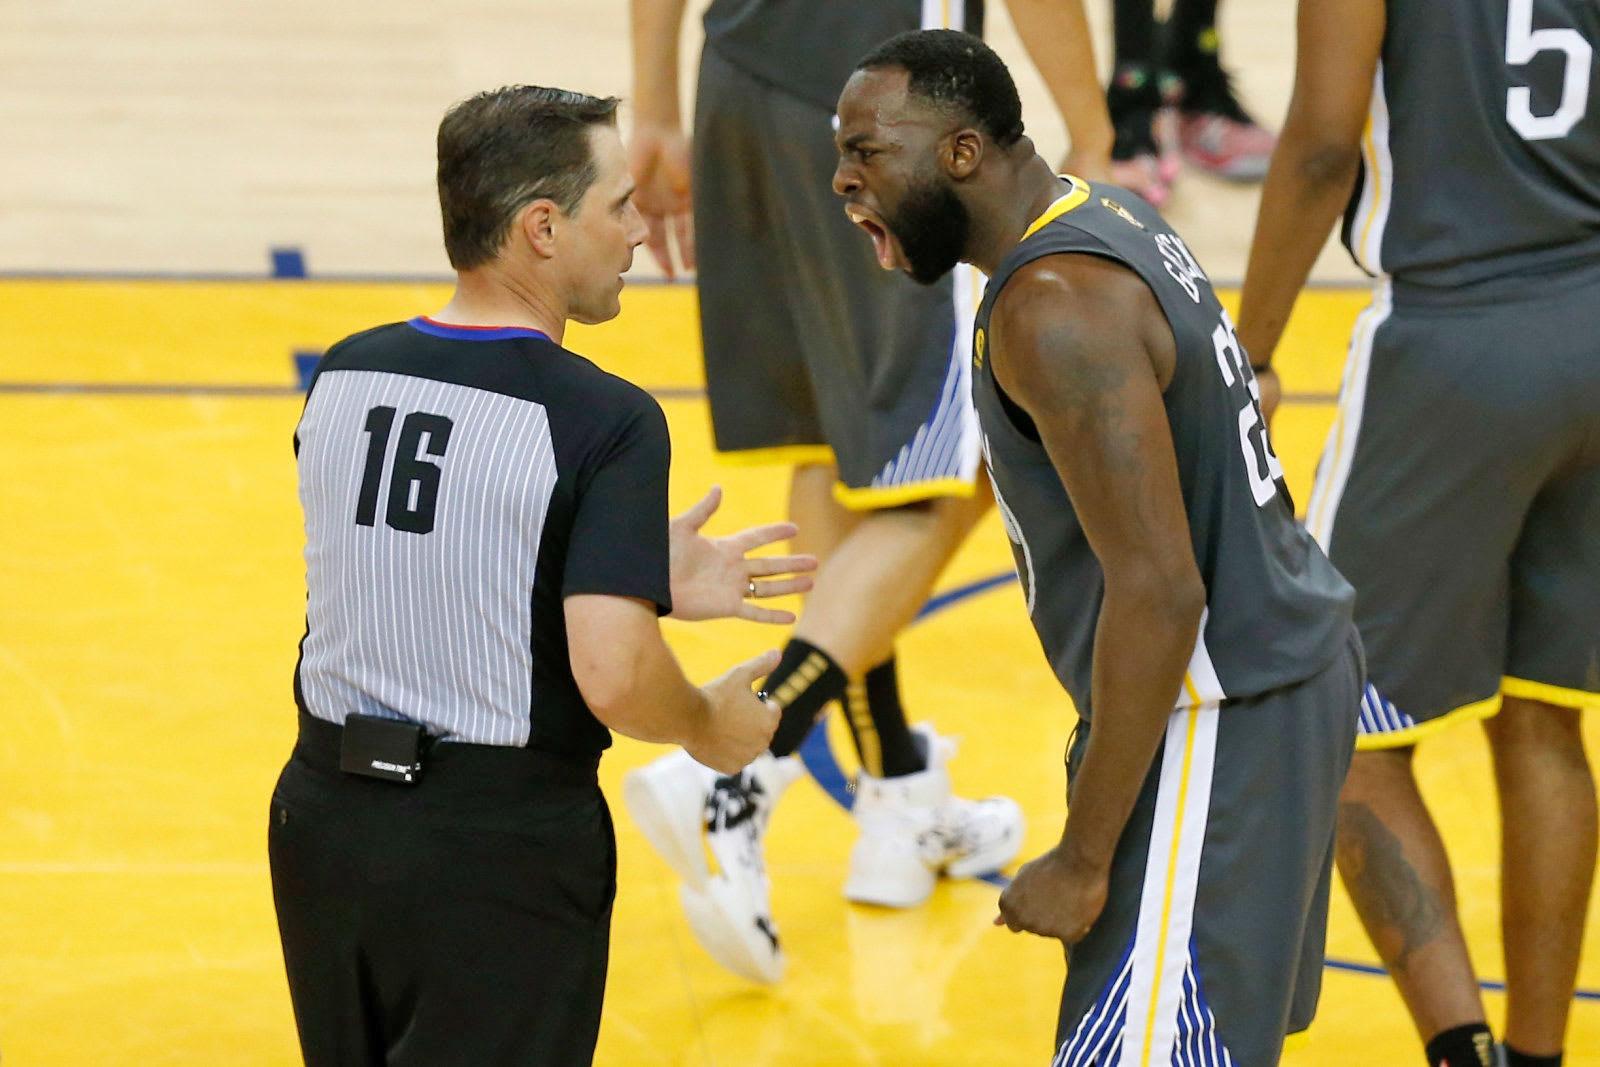 【影片】惹誰都不要惹裁判!細數那些與裁判爭鋒相對的NBA球員